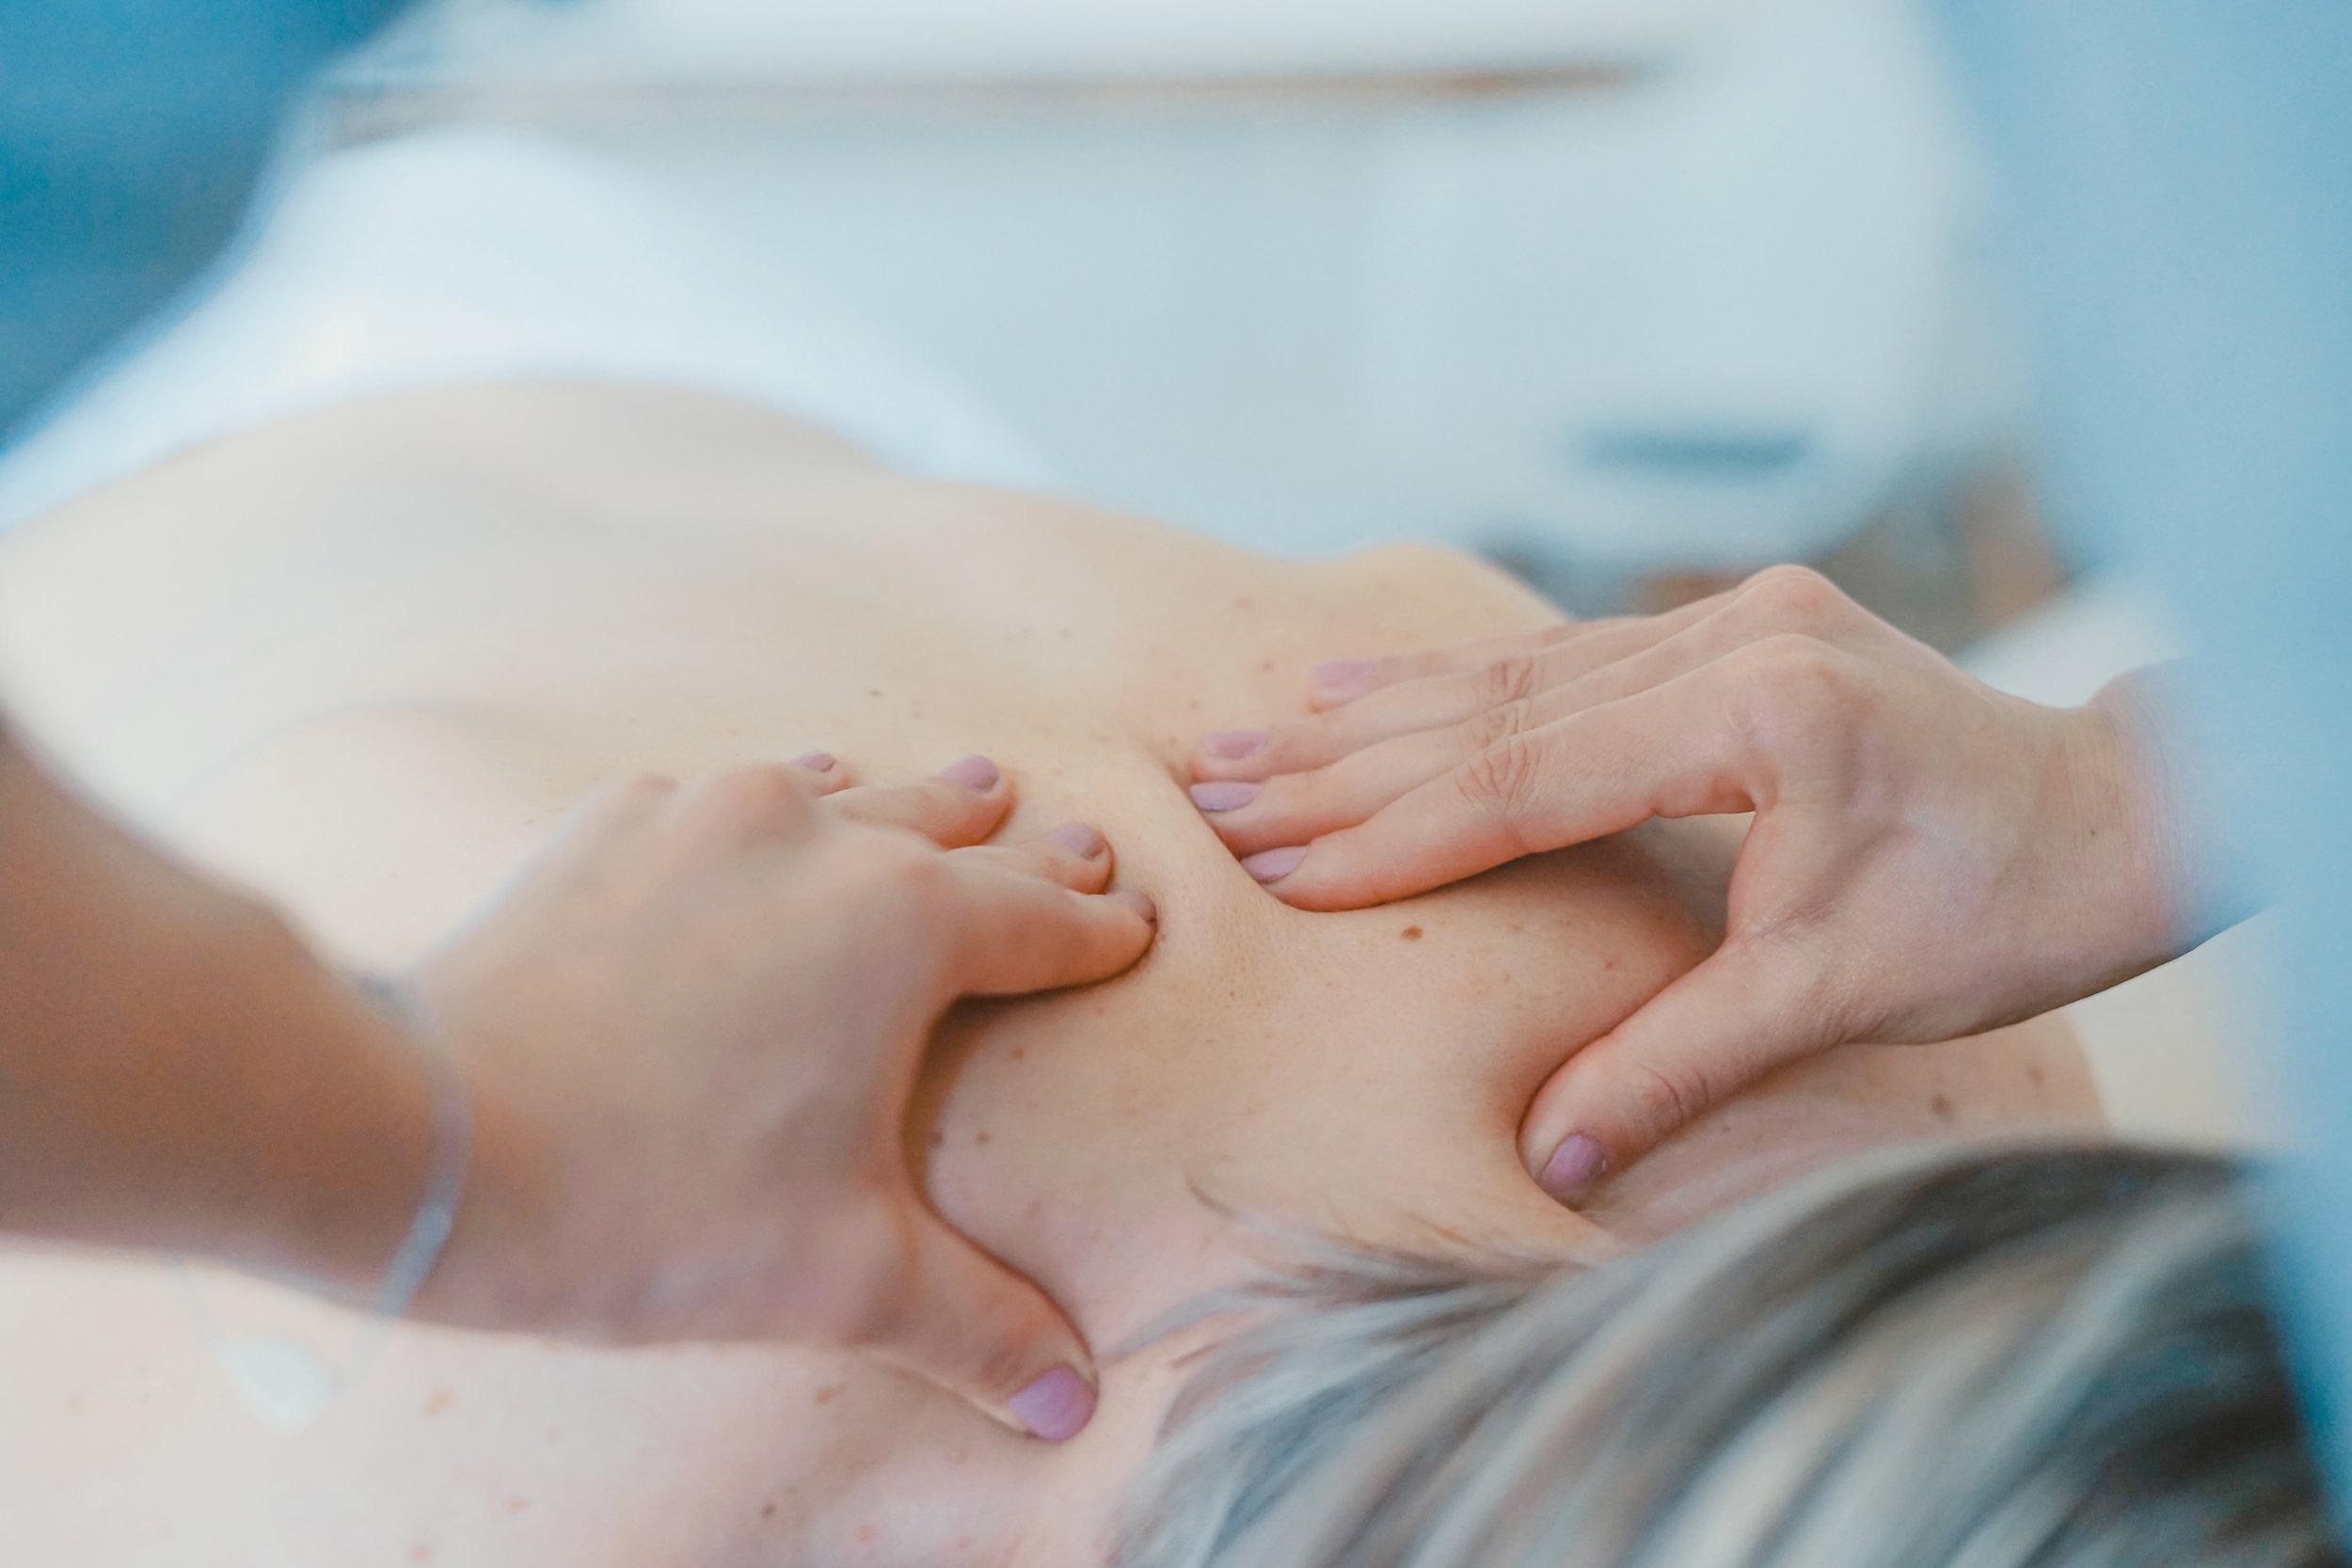 Chi_Rivers_Tuina _massage_Geneva _Switzerland.jpg